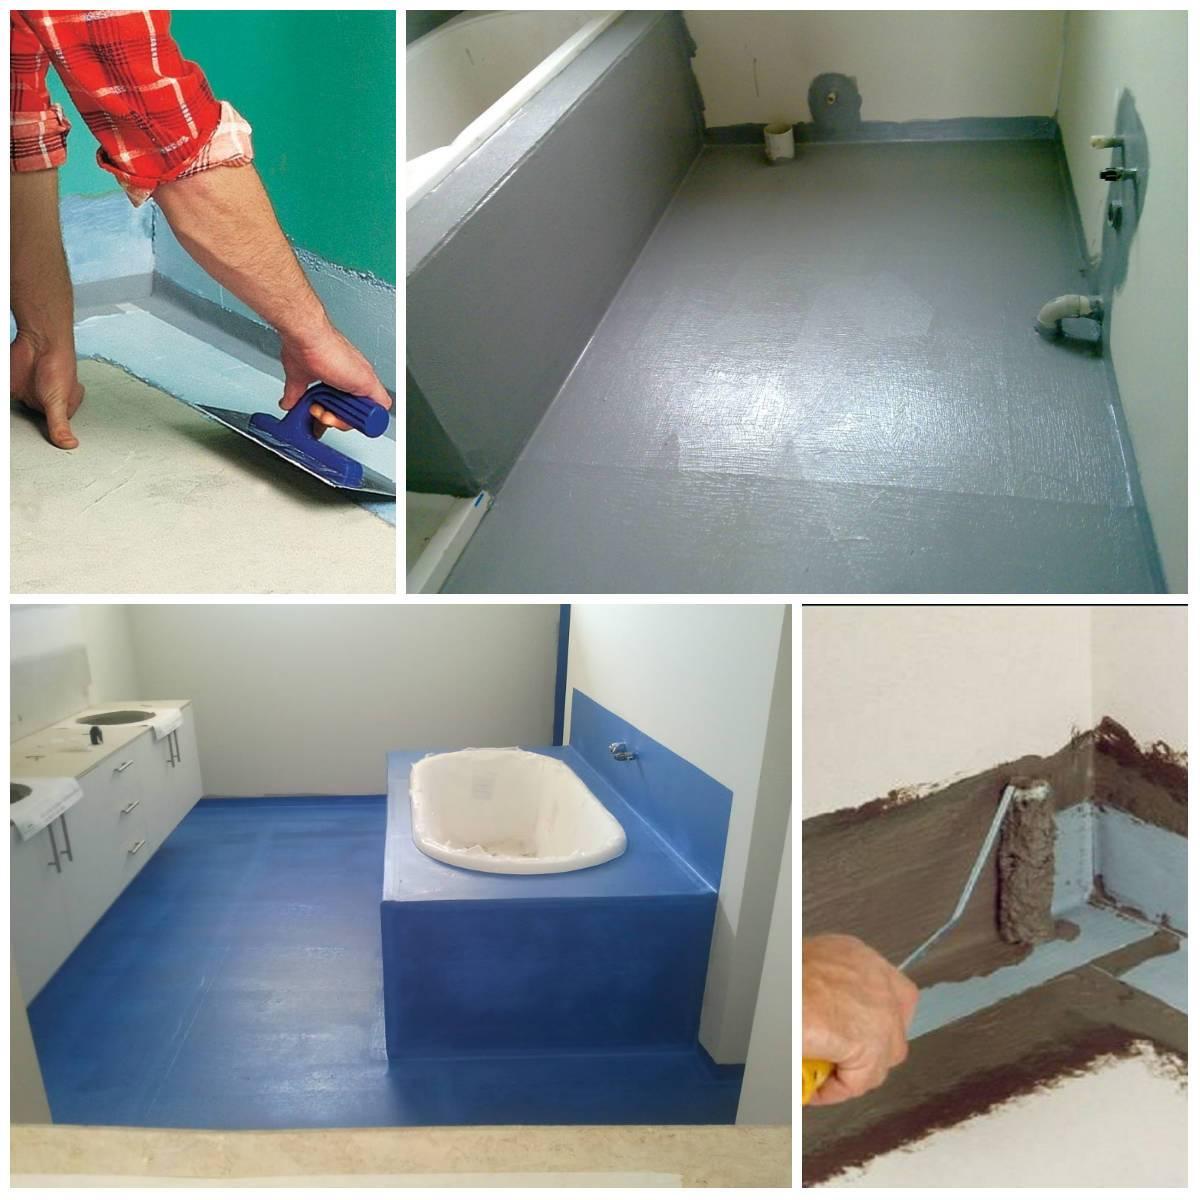 Гидроизоляция ванной комнаты под плитку - что лучше выбрать для гидроизоляции своими руками